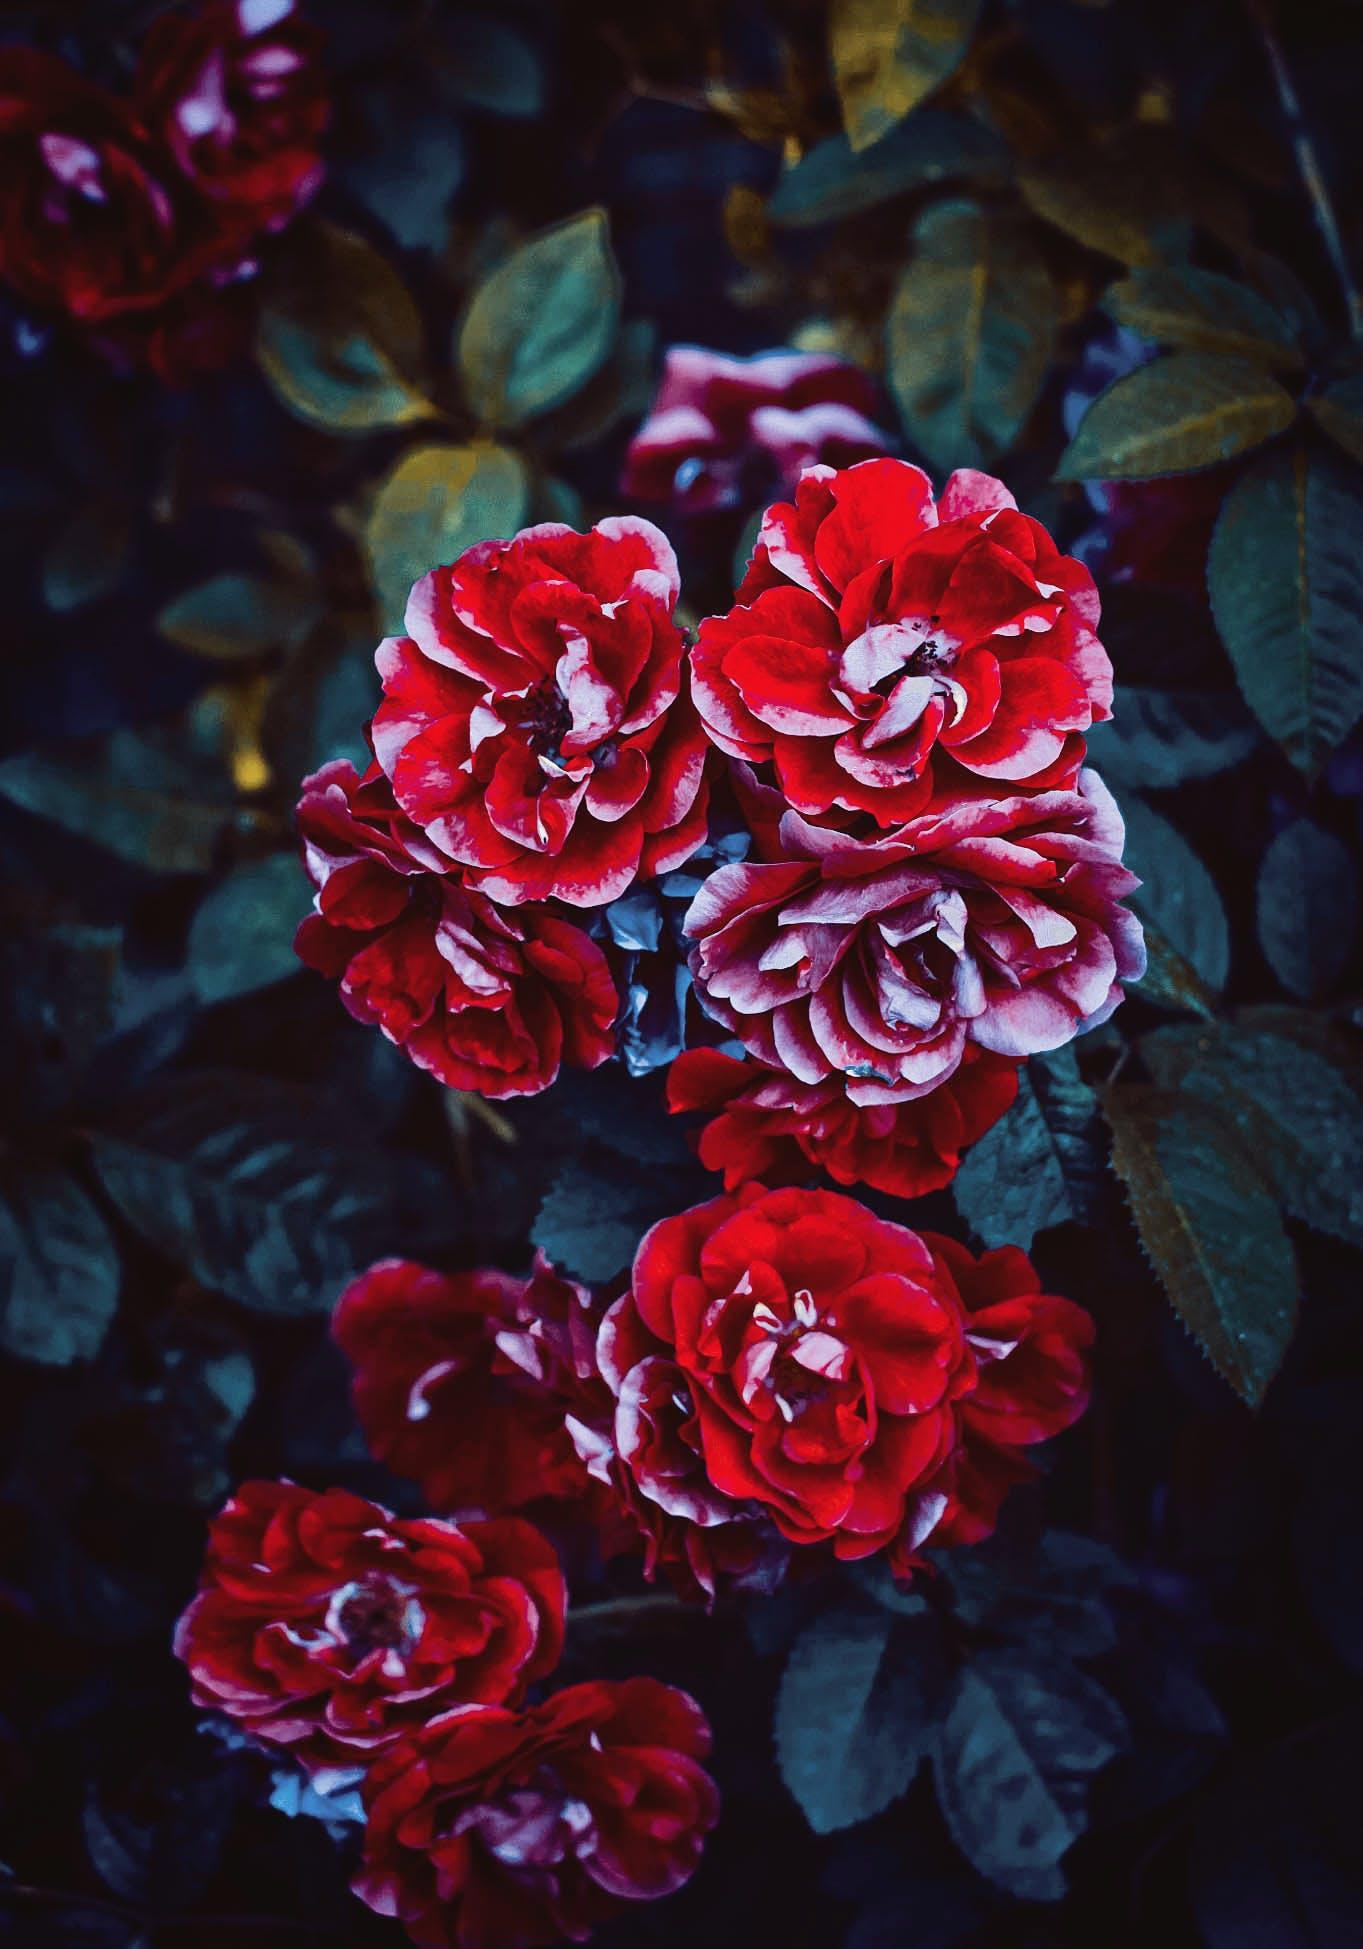 Gratis arkivbilde med blomster, blomsterblad, botanisk, farger